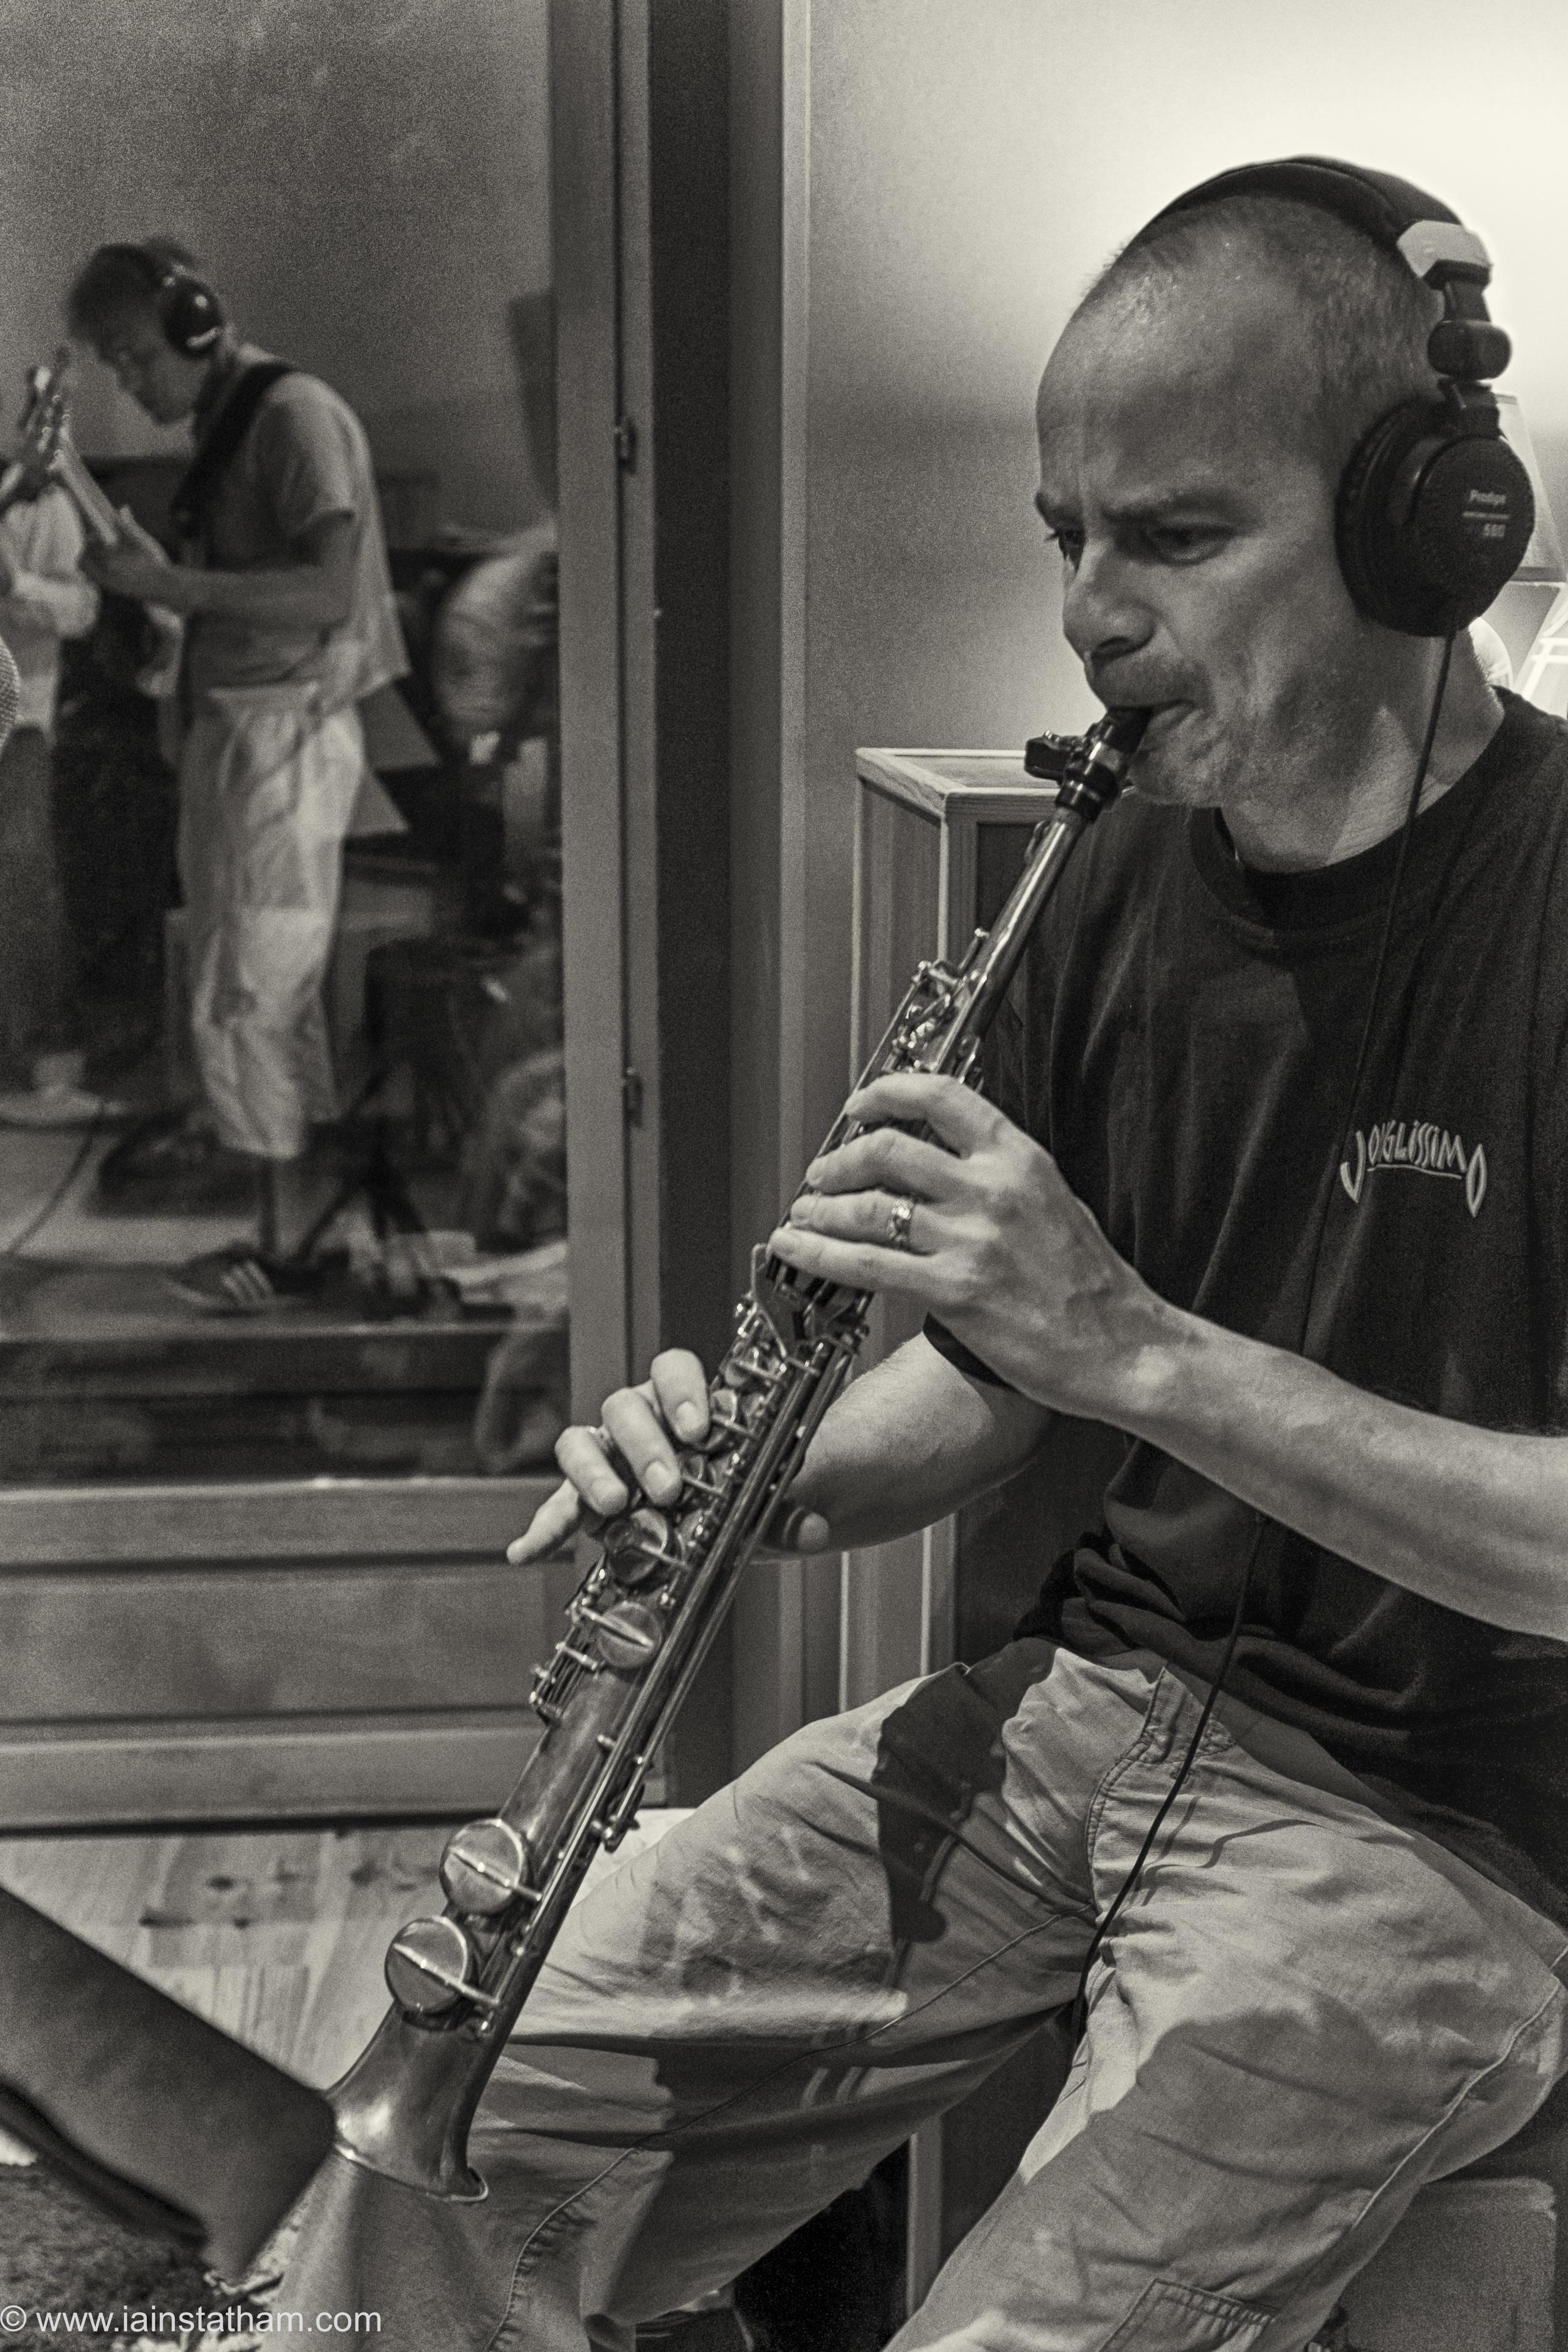 fr - music - mahognay - studio - bw - august 15-16.jpg